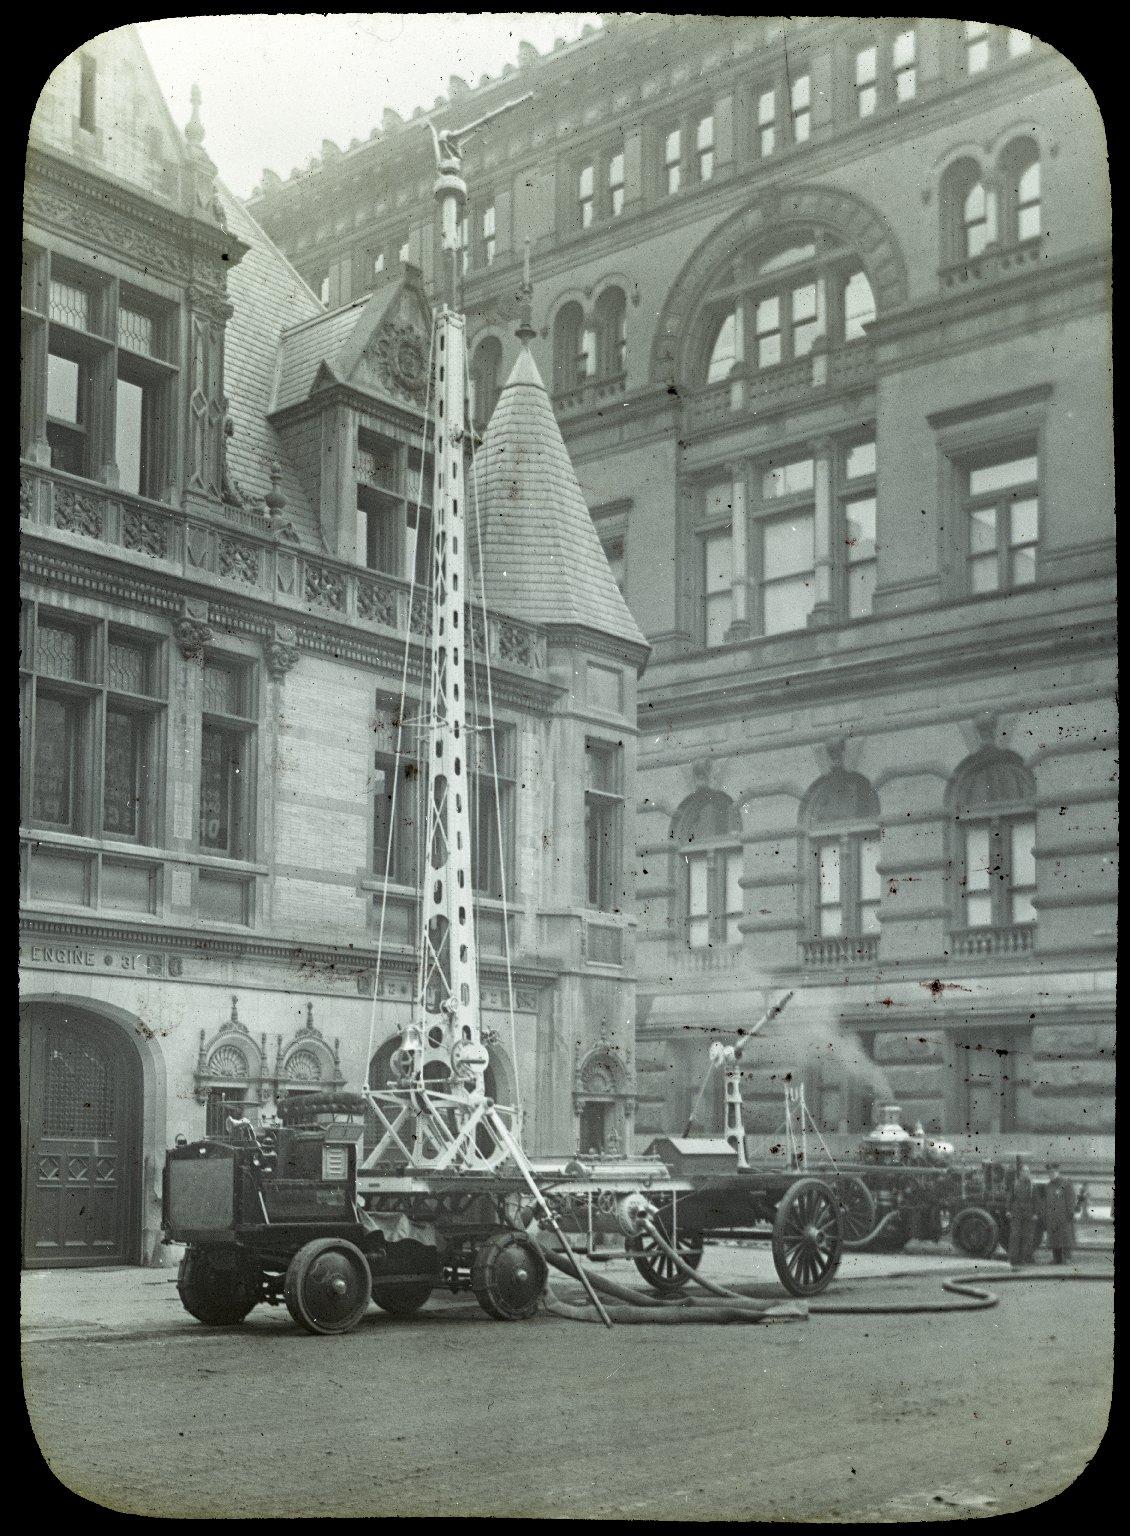 Пожарная башня. Нью-Йорк, США. Начало 20 века